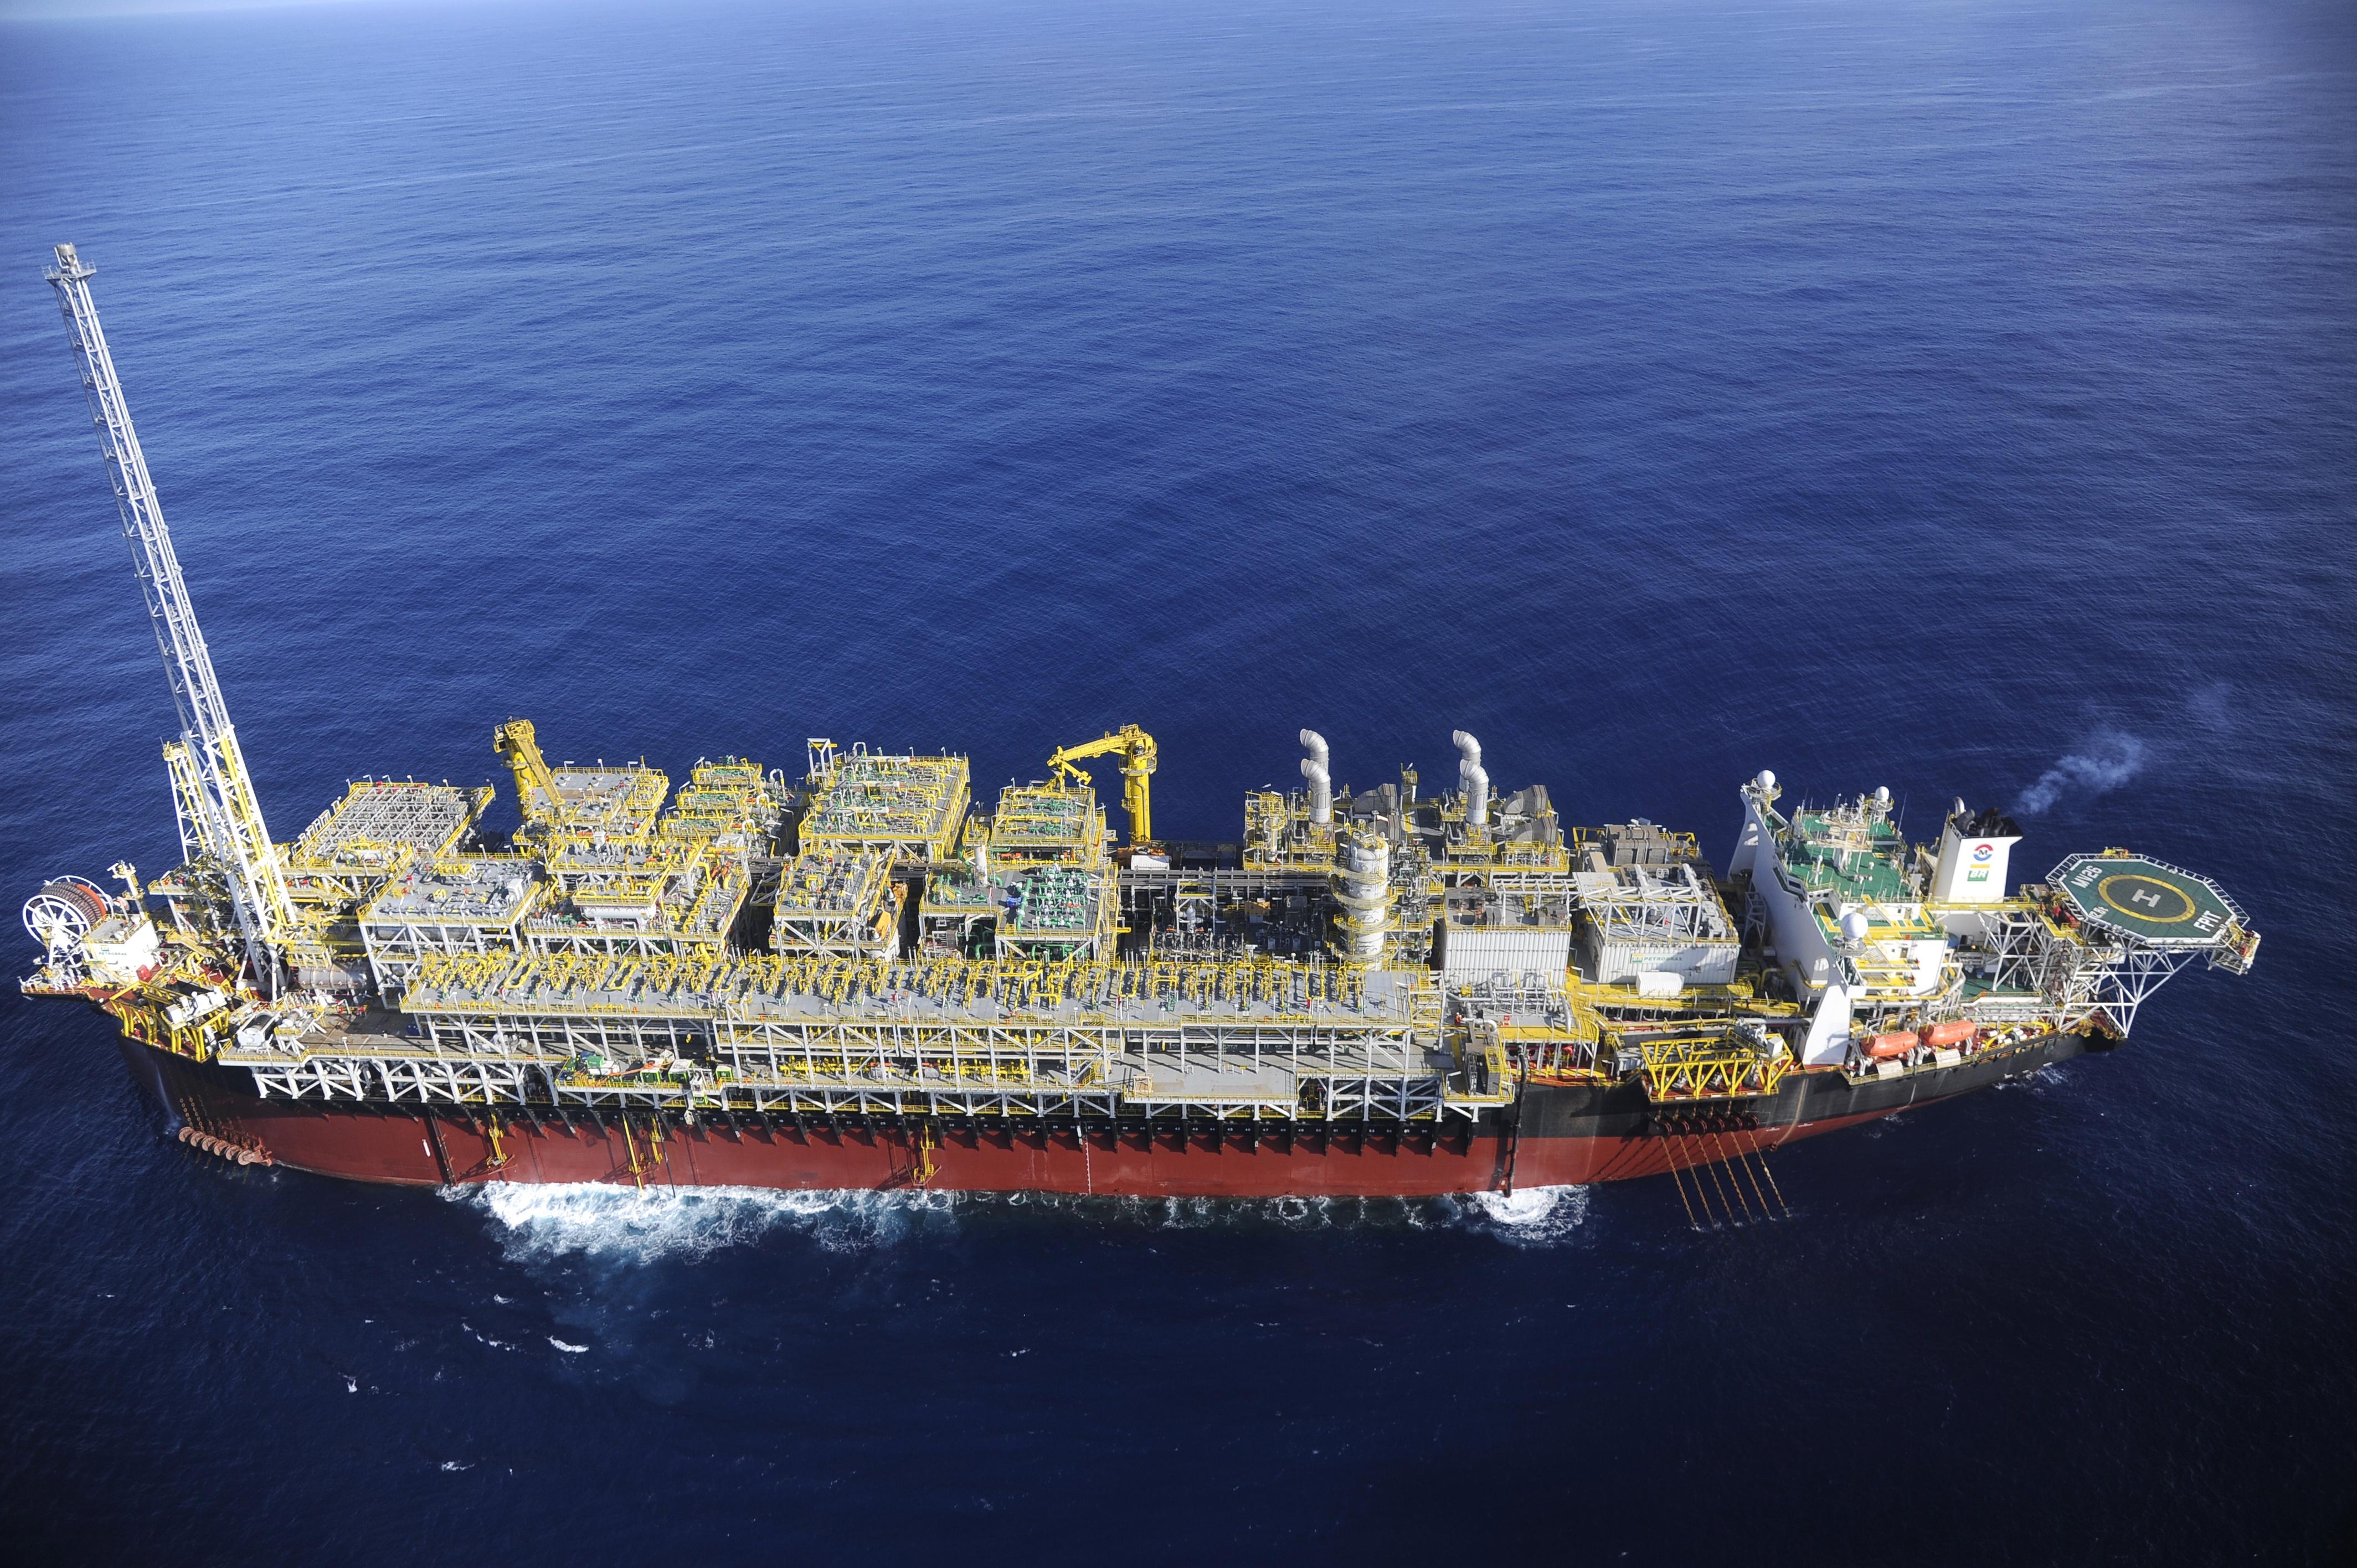 Energia - petrobras - pré-sal exploração petróleo combustível